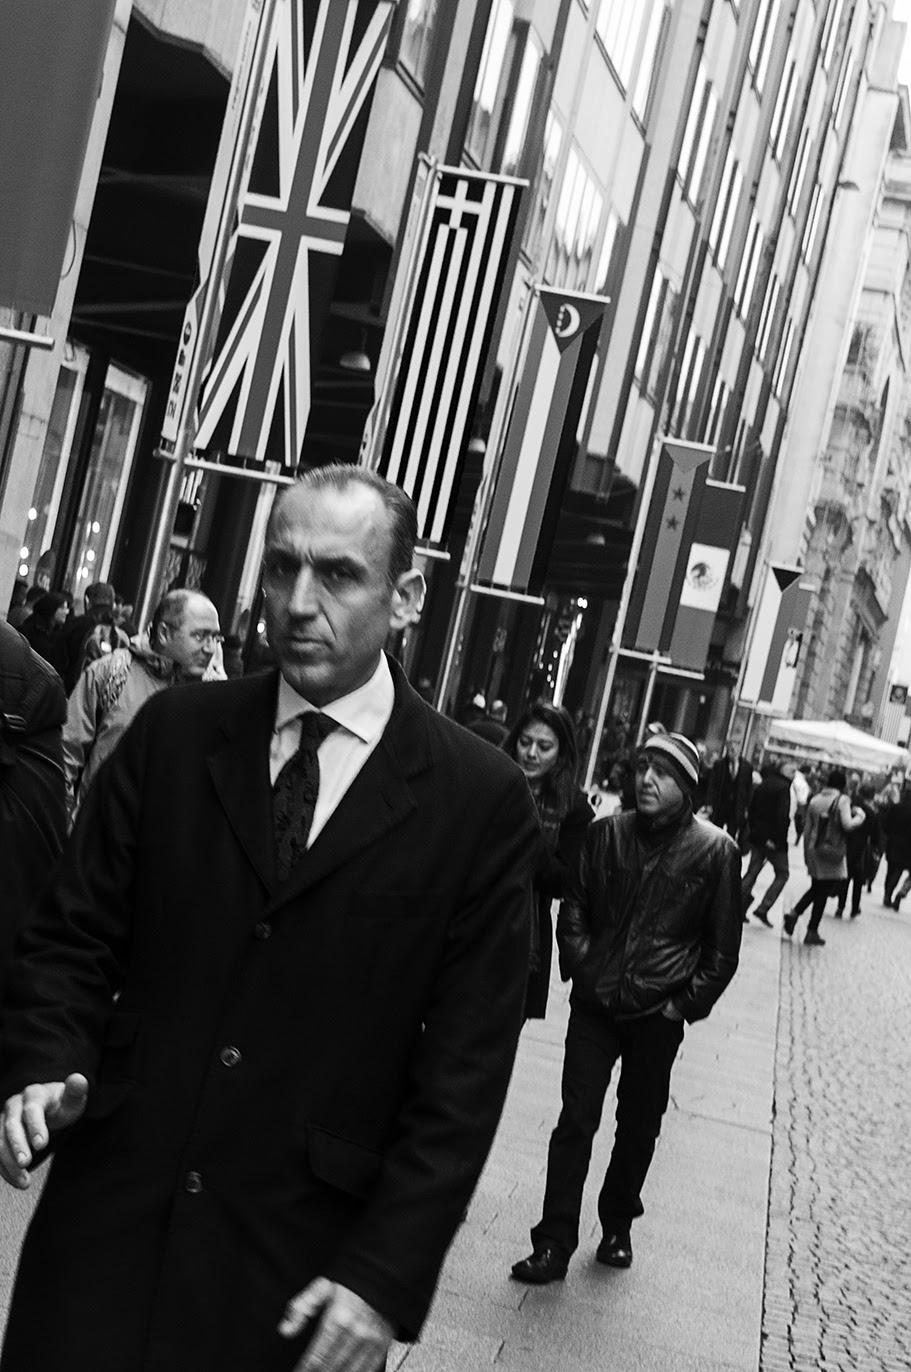 MILUNA-Ewa-Milun-Walczak-Mediolan-ludzie-ulica-przechodzni-mediolanczycy-Przechodnie-5